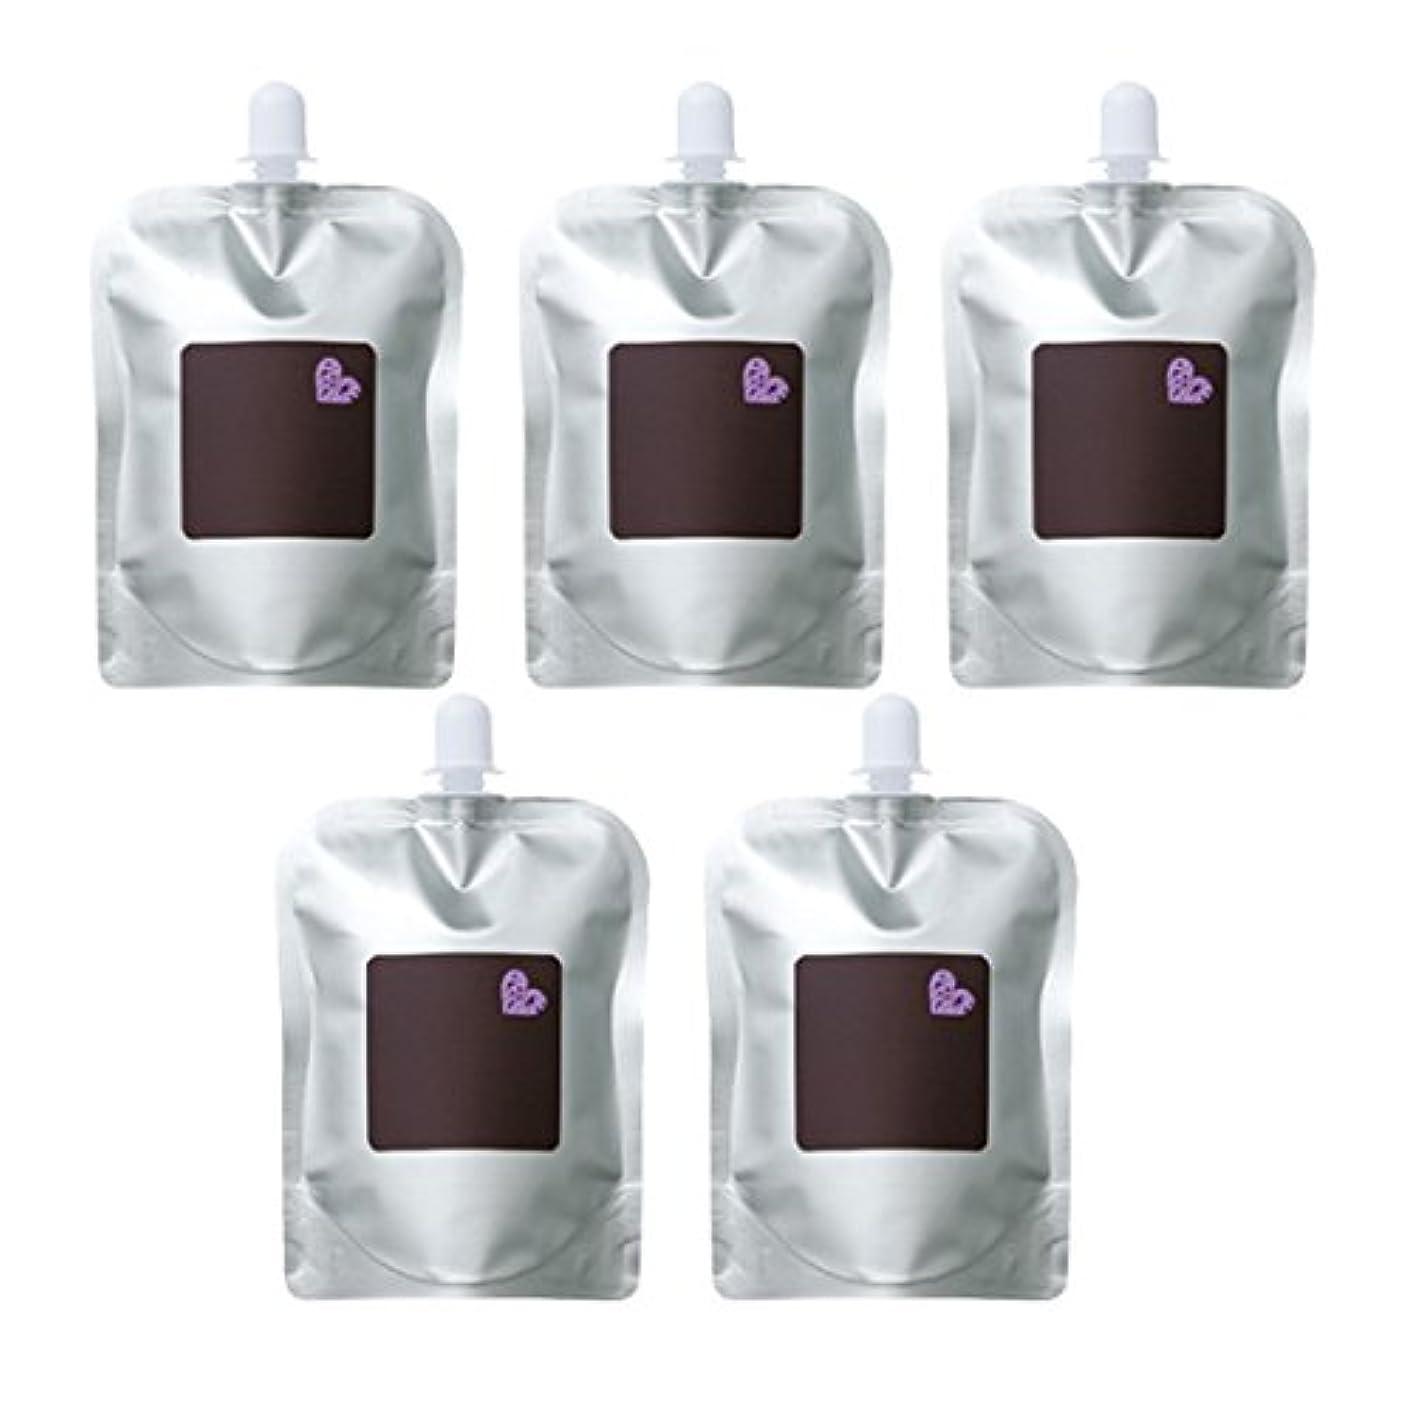 死の顎退屈振り返る【X5個セット】 アリミノ ピース バウンシーカール ホイップ 400g 詰替え用